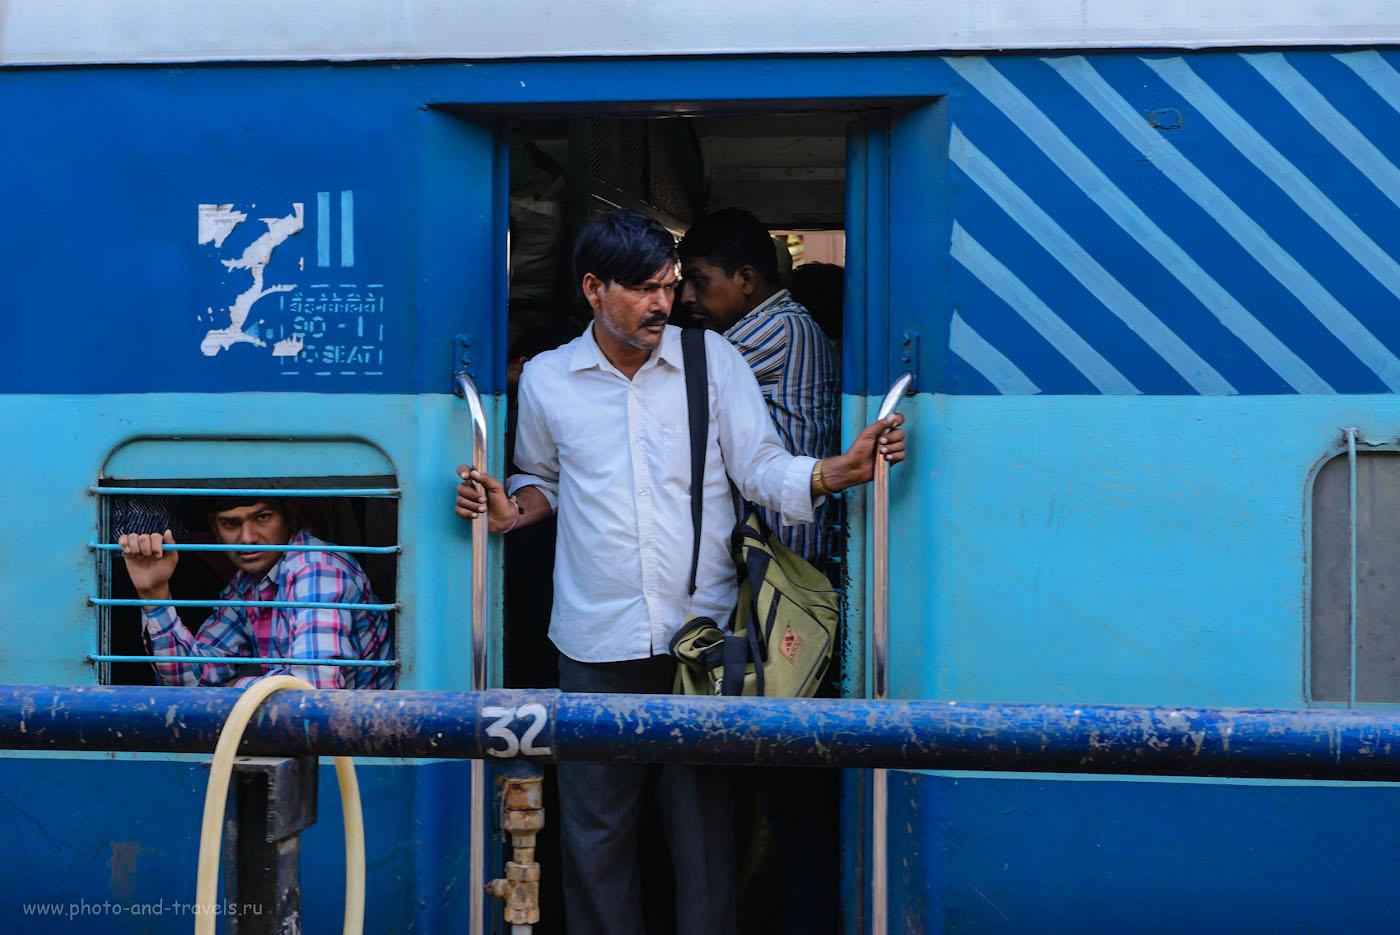 Фотография 26. По Центральной Индии вполне комфортно путешествовать на поезде. 1/160, 8.0, 720, 70.